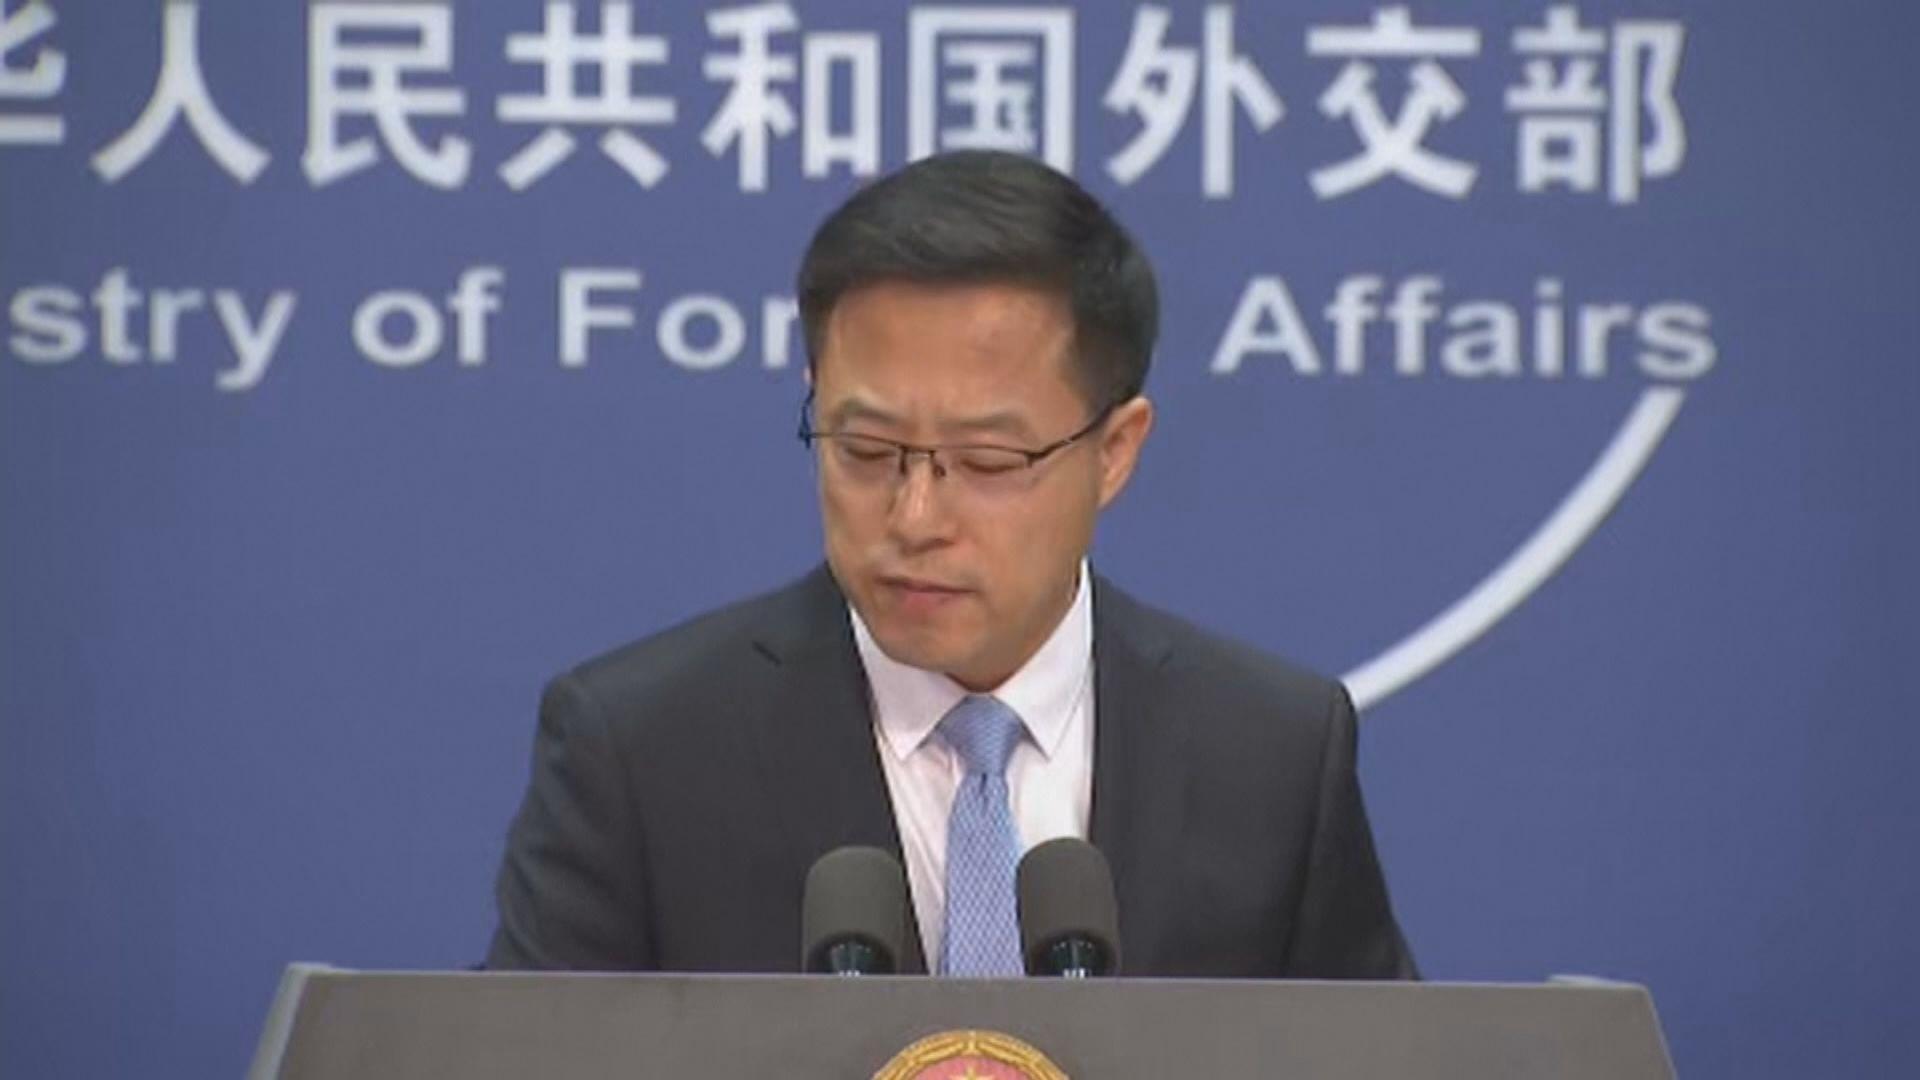 外交部重申無扣押印度人員 雙方正進行溝通